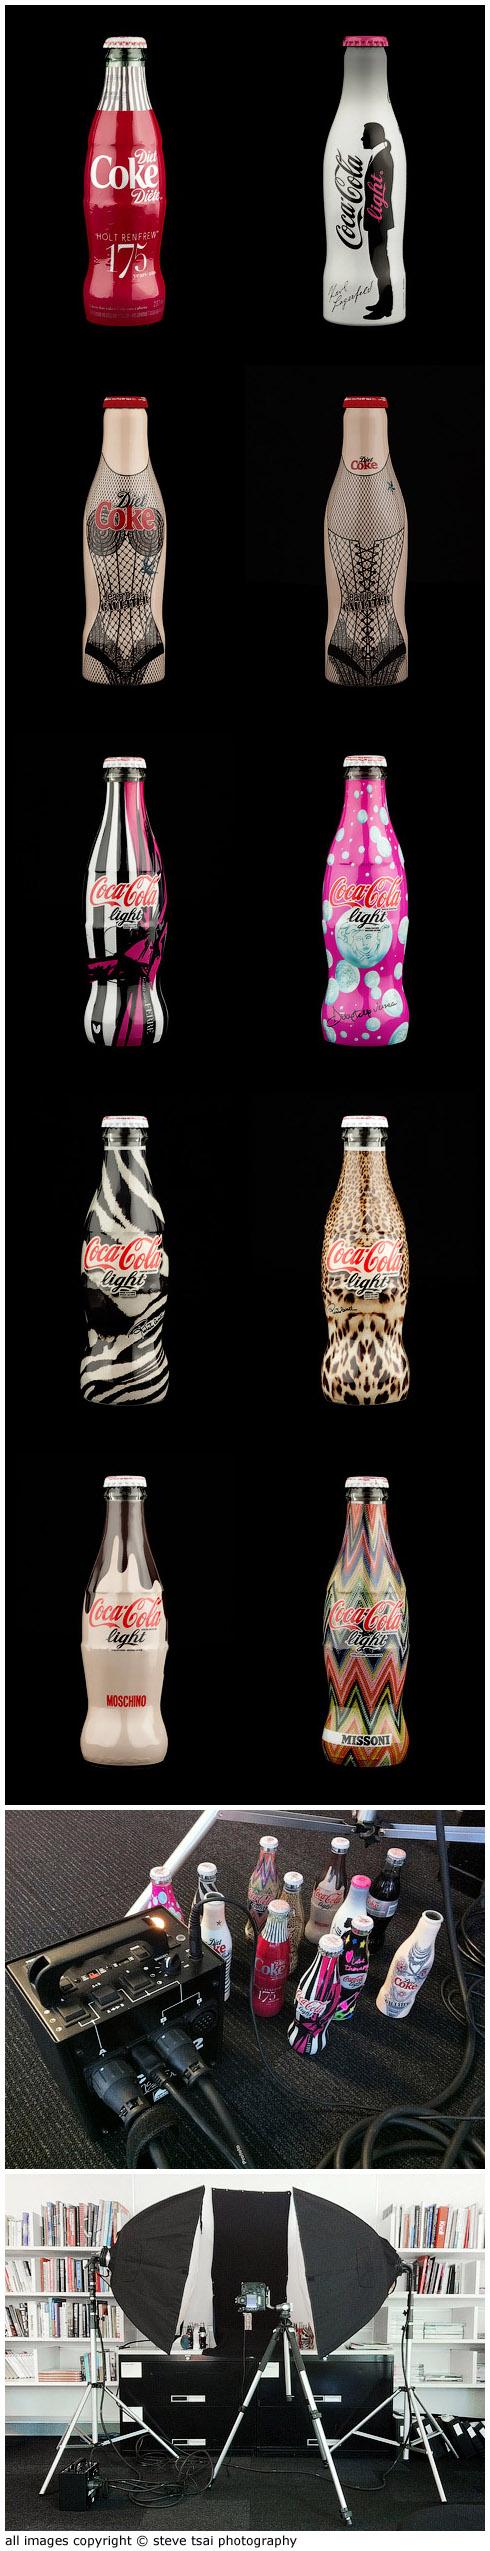 coke light bottles